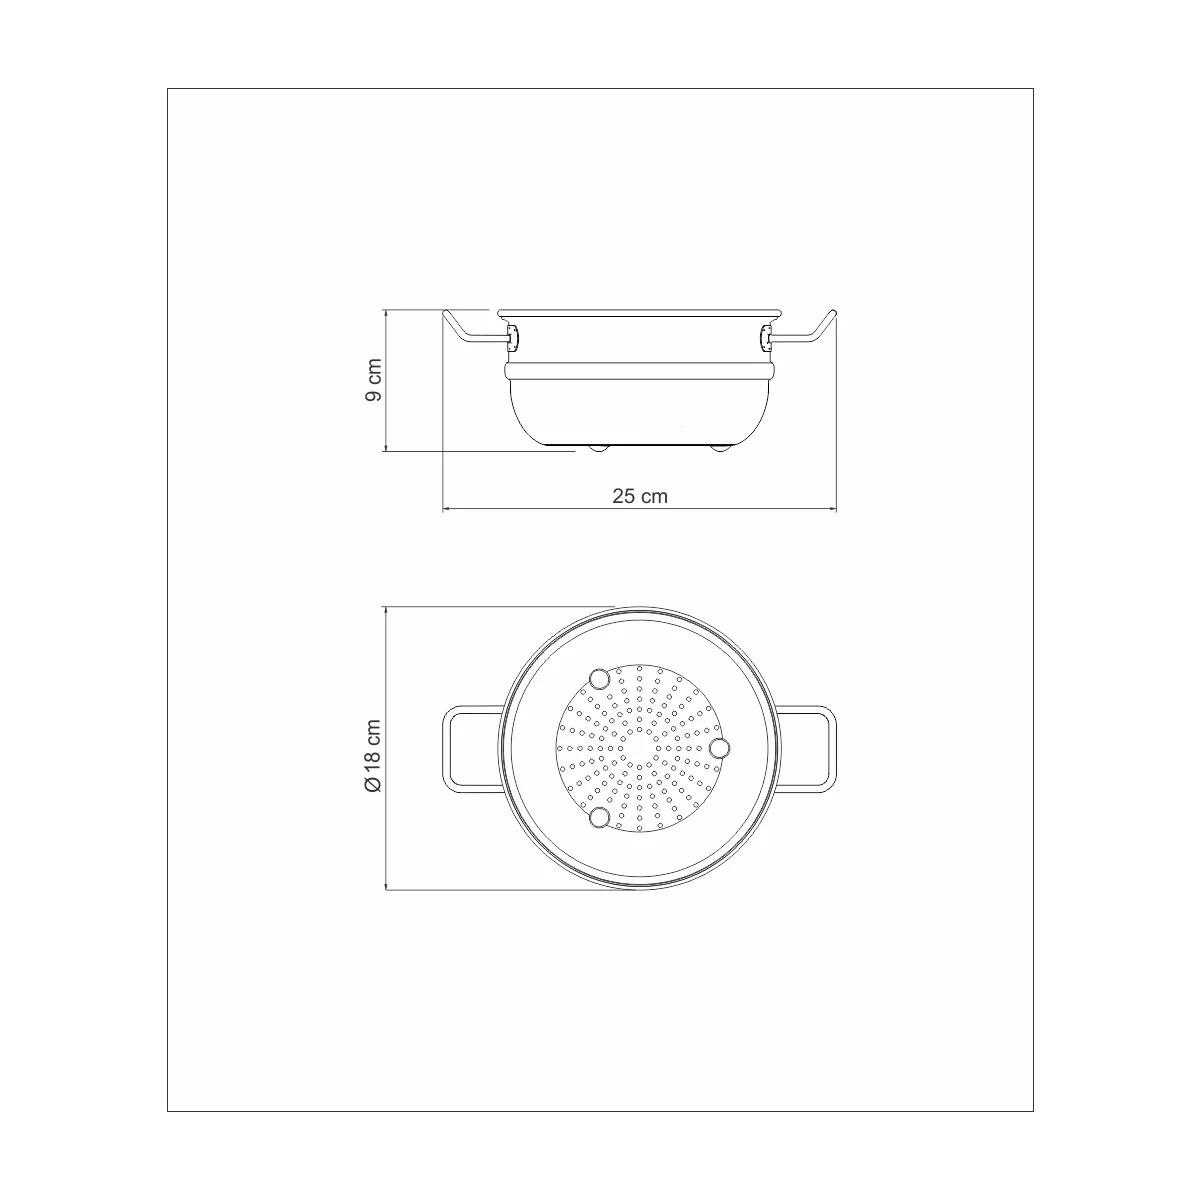 Cozi-Vapore Aço Inox Professional 16cm 1,6L  - Sua Casa Gourmet e Cia